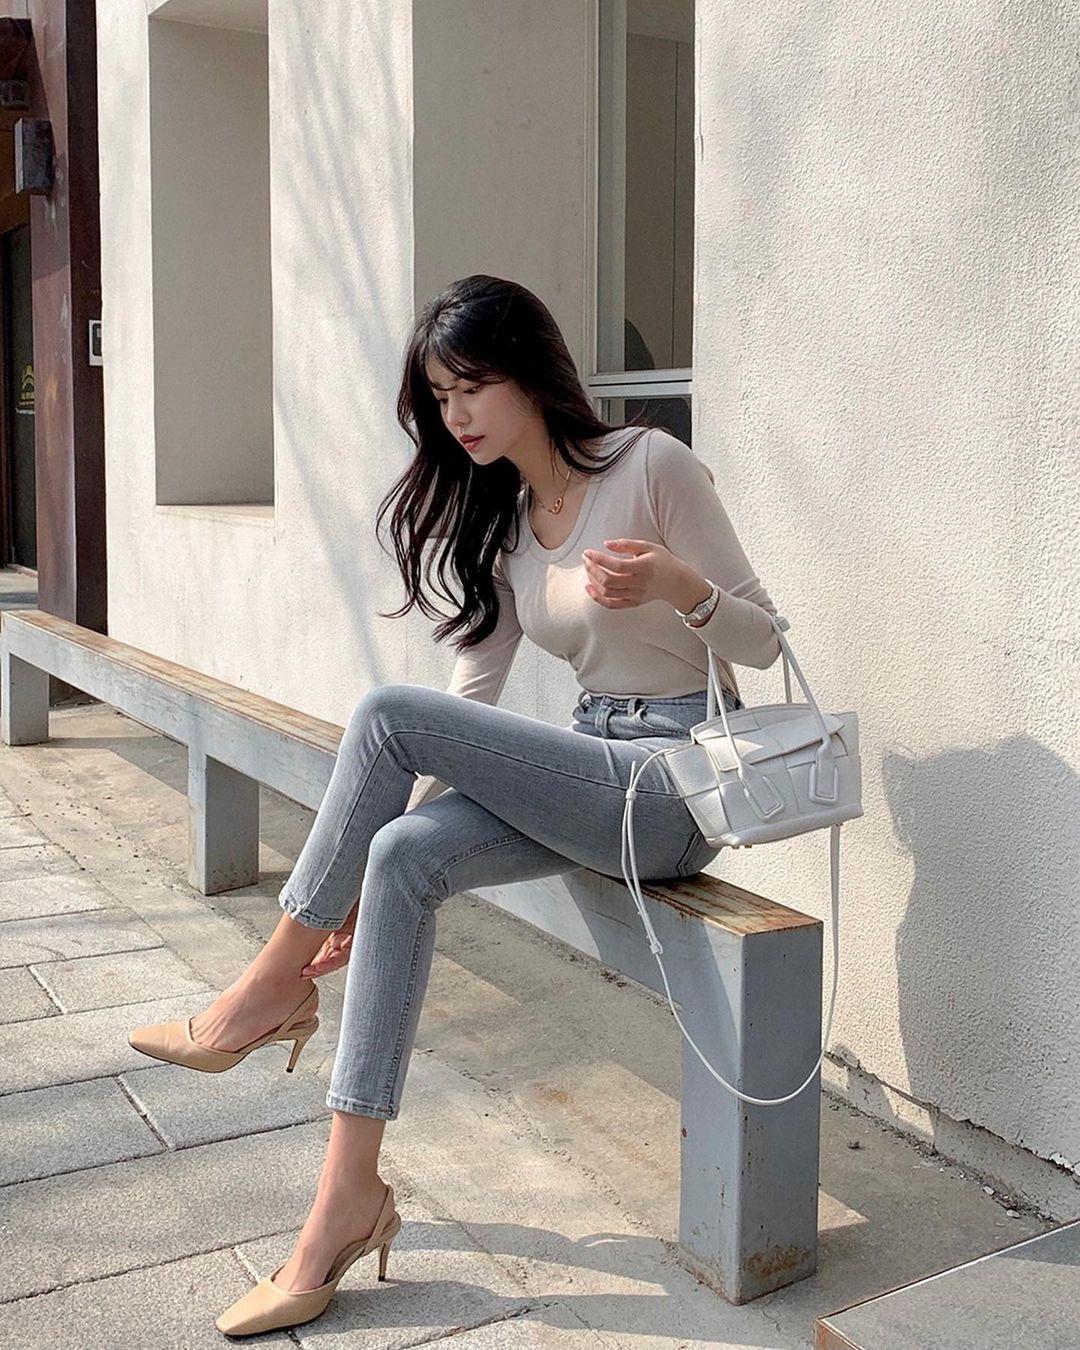 """Học nàng blogger Hàn cách diện jeans """"đỉnh của chóp"""": Vừa hack dáng vừa thanh lịch để diện đến sở làm - Ảnh 2."""